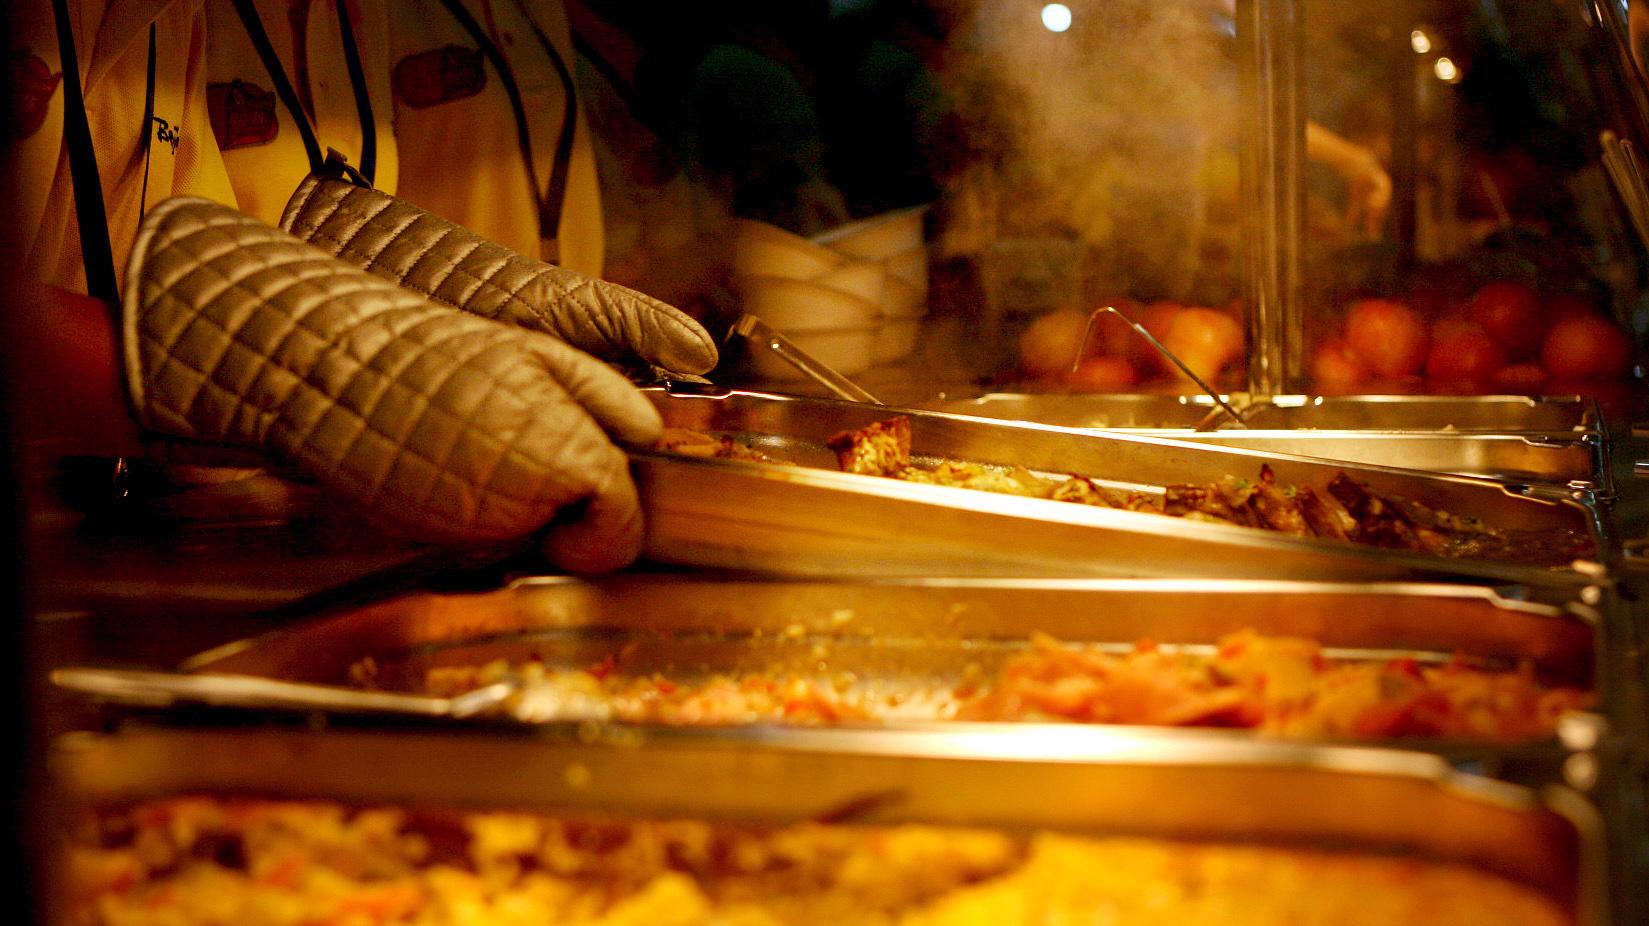 """在不少人的记忆里,曾经藏着这样的一道美味的""""零食""""――猪油渣。她清楚记得,改革开放之初,大家买肉都愿意买肥肉,回来后好炼油炒菜,剩下的油渣就成了孩子们难得的美食。改革开放四十年,随着生活水平的不断提高,餐桌上也发生了翻天覆地的变化,油渣这个当年的美食已经在很多家庭的餐桌上消失了,大家倾向的已不仅仅是""""吃的饱"""",更要""""吃的好""""""""吃的安心。"""""""